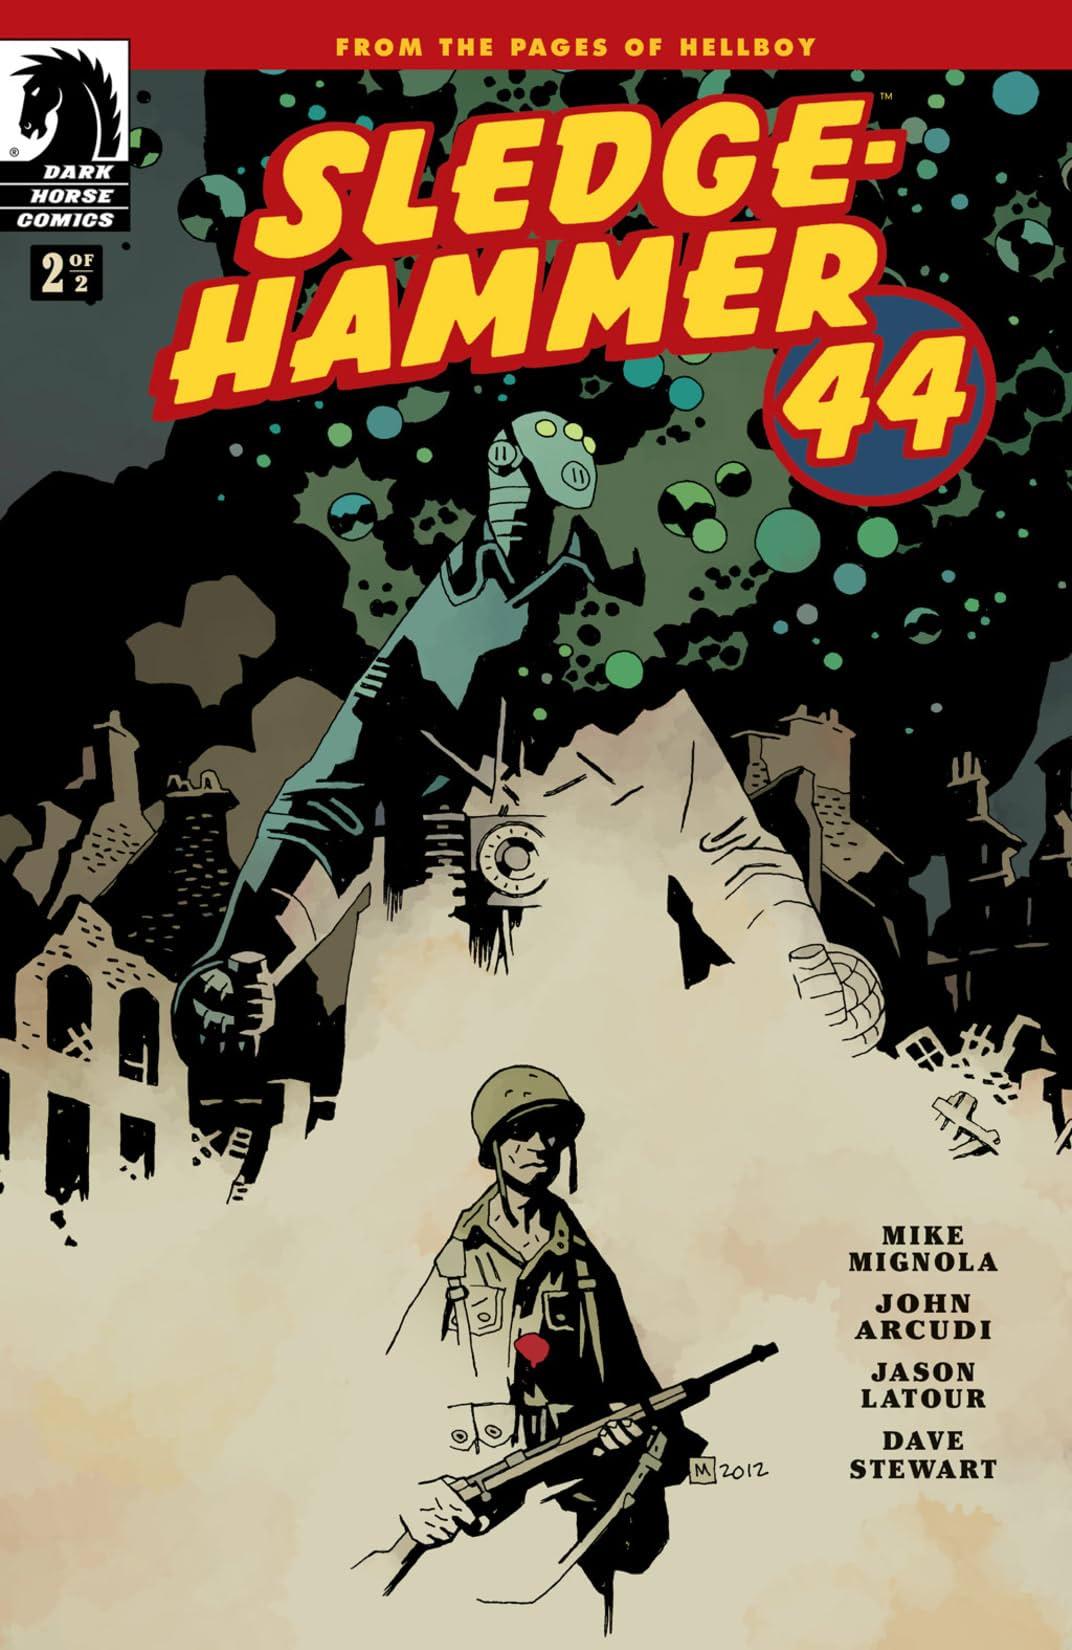 Sledgehammer 44 #2